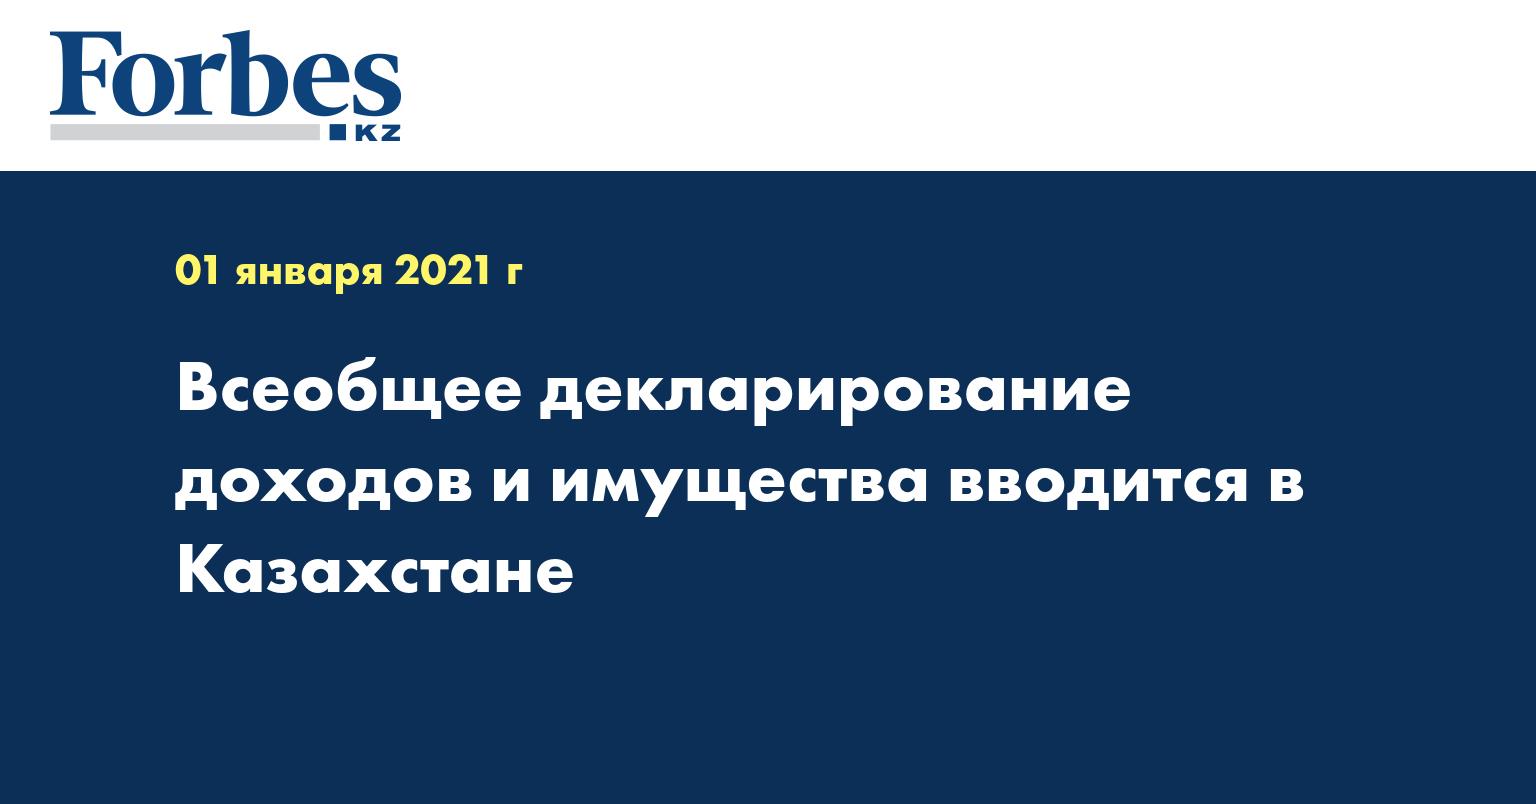 Всеобщее декларирование доходов и имущества вводится в Казахстане